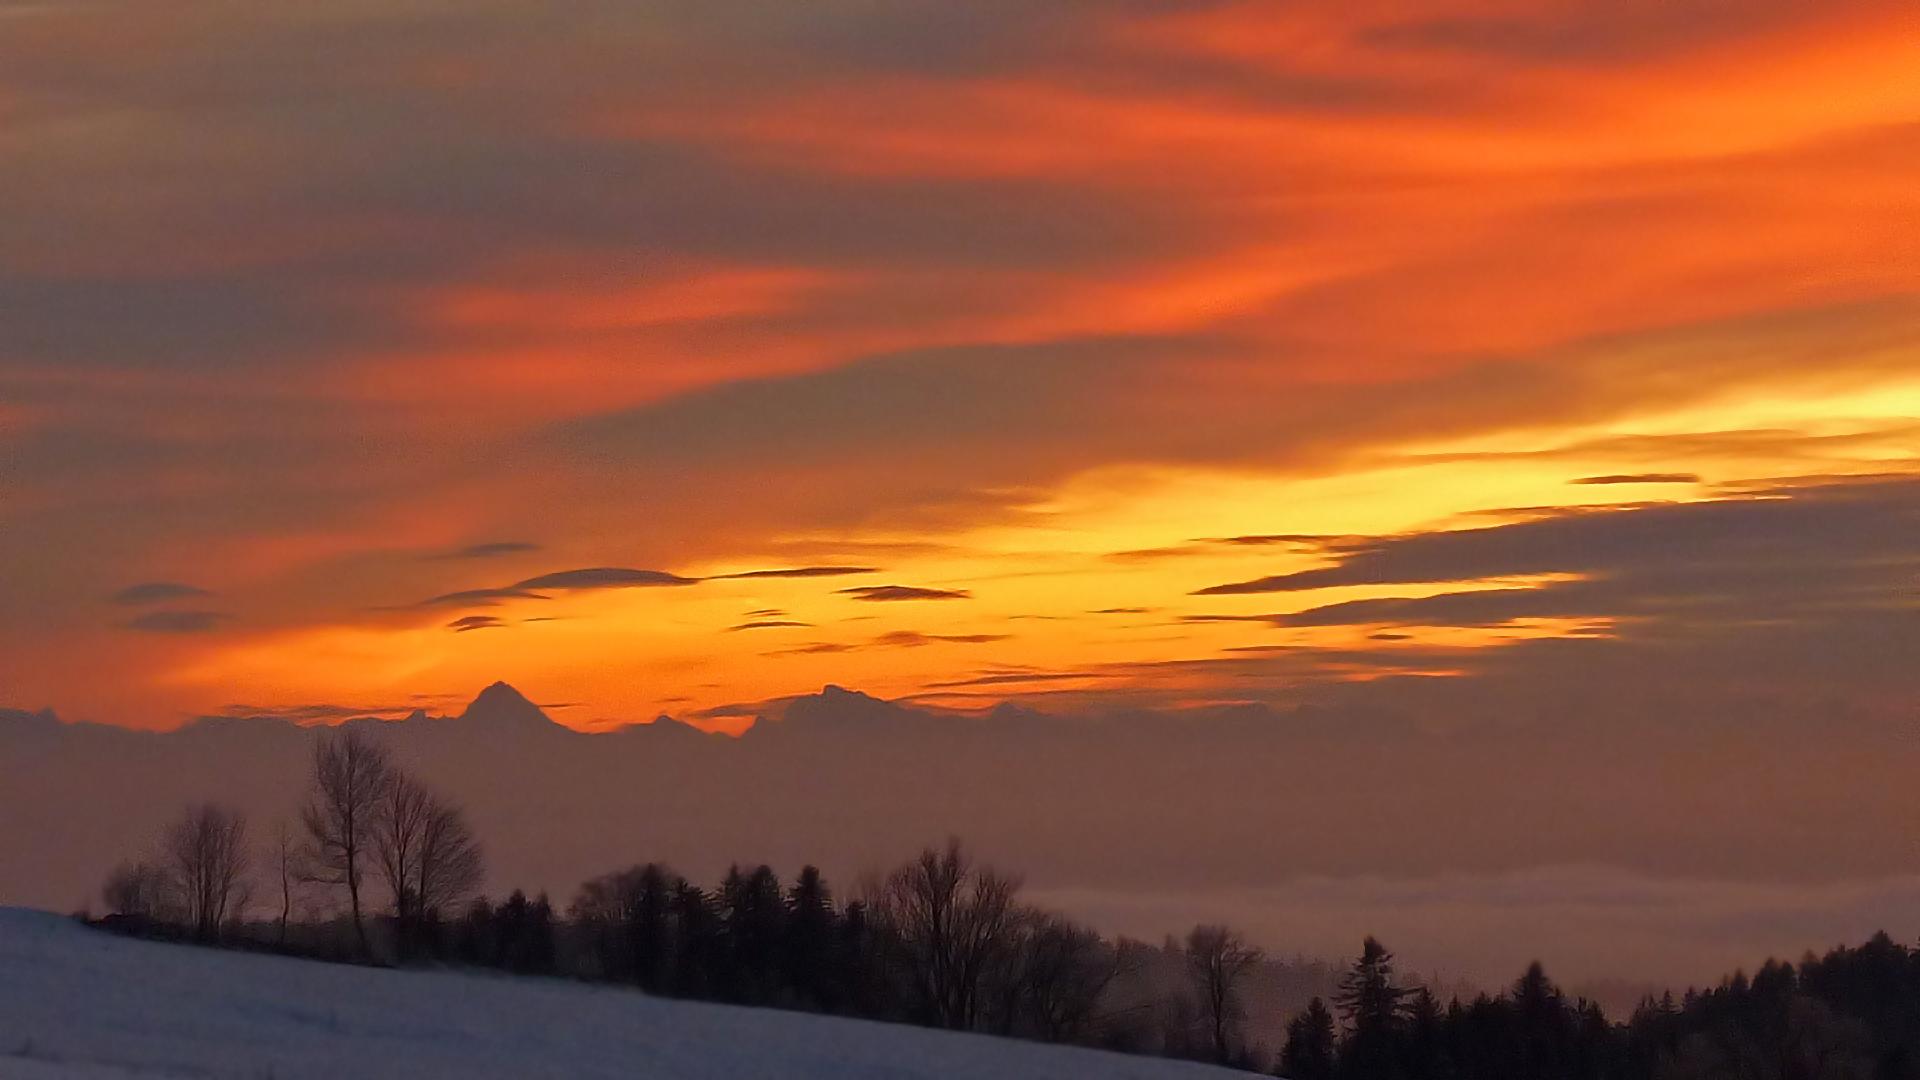 Sonnenuntergang im Nationalpark Bayerischer Wald 1